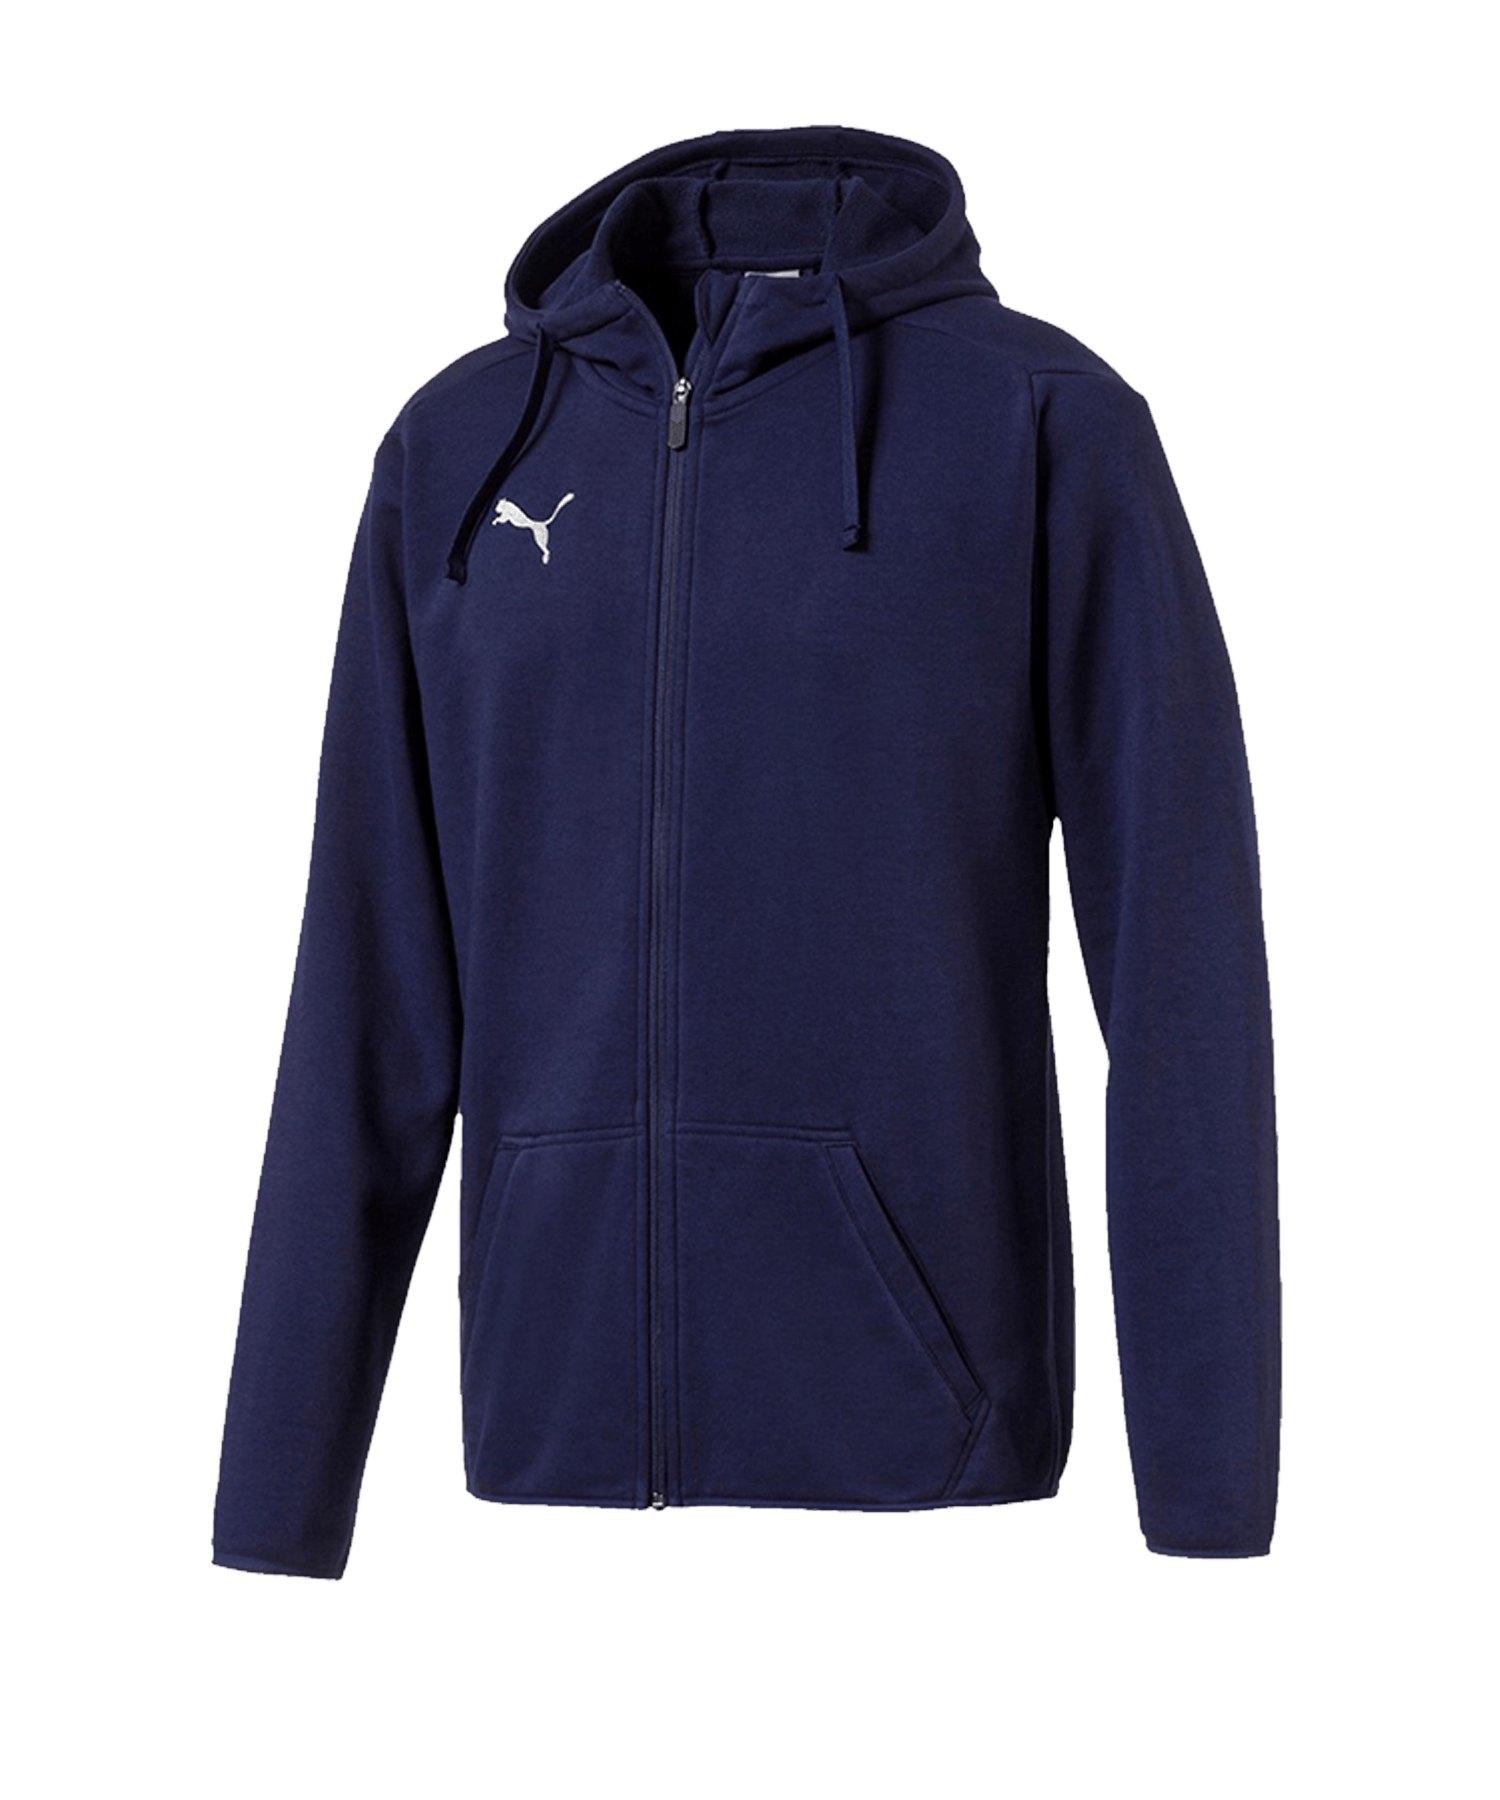 PUMA LIGA Casual Jacket Jacke Dunkelblau F06 - blau